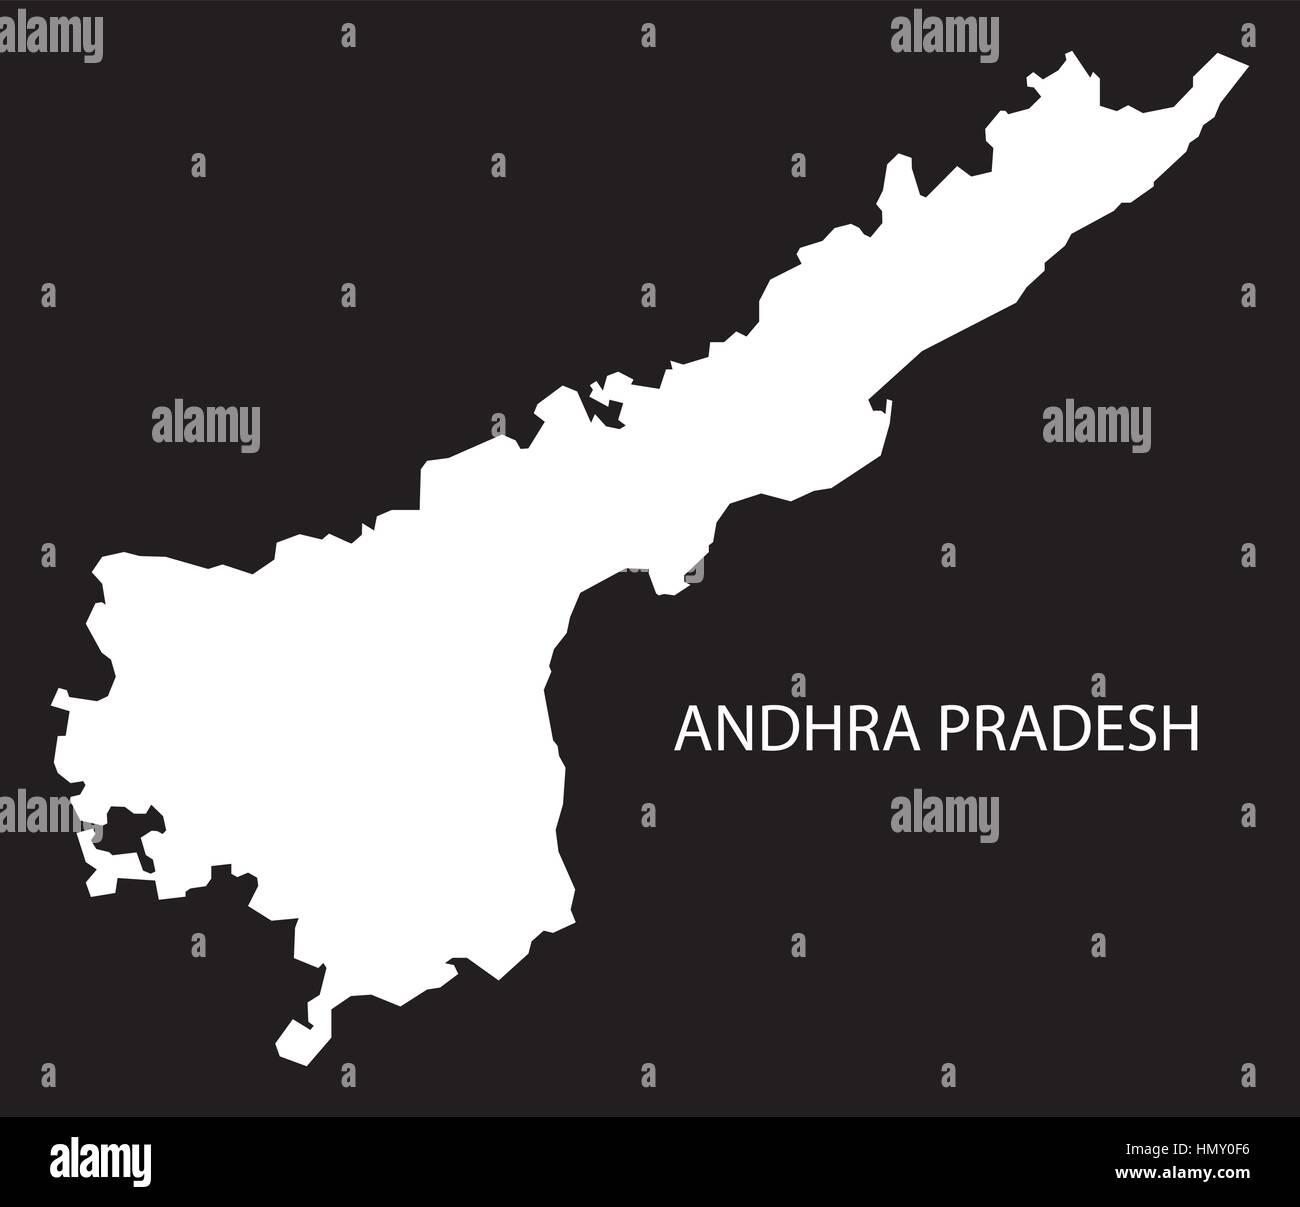 L'Andhra Pradesh Inde Site silhouette inversé noir Photo Stock